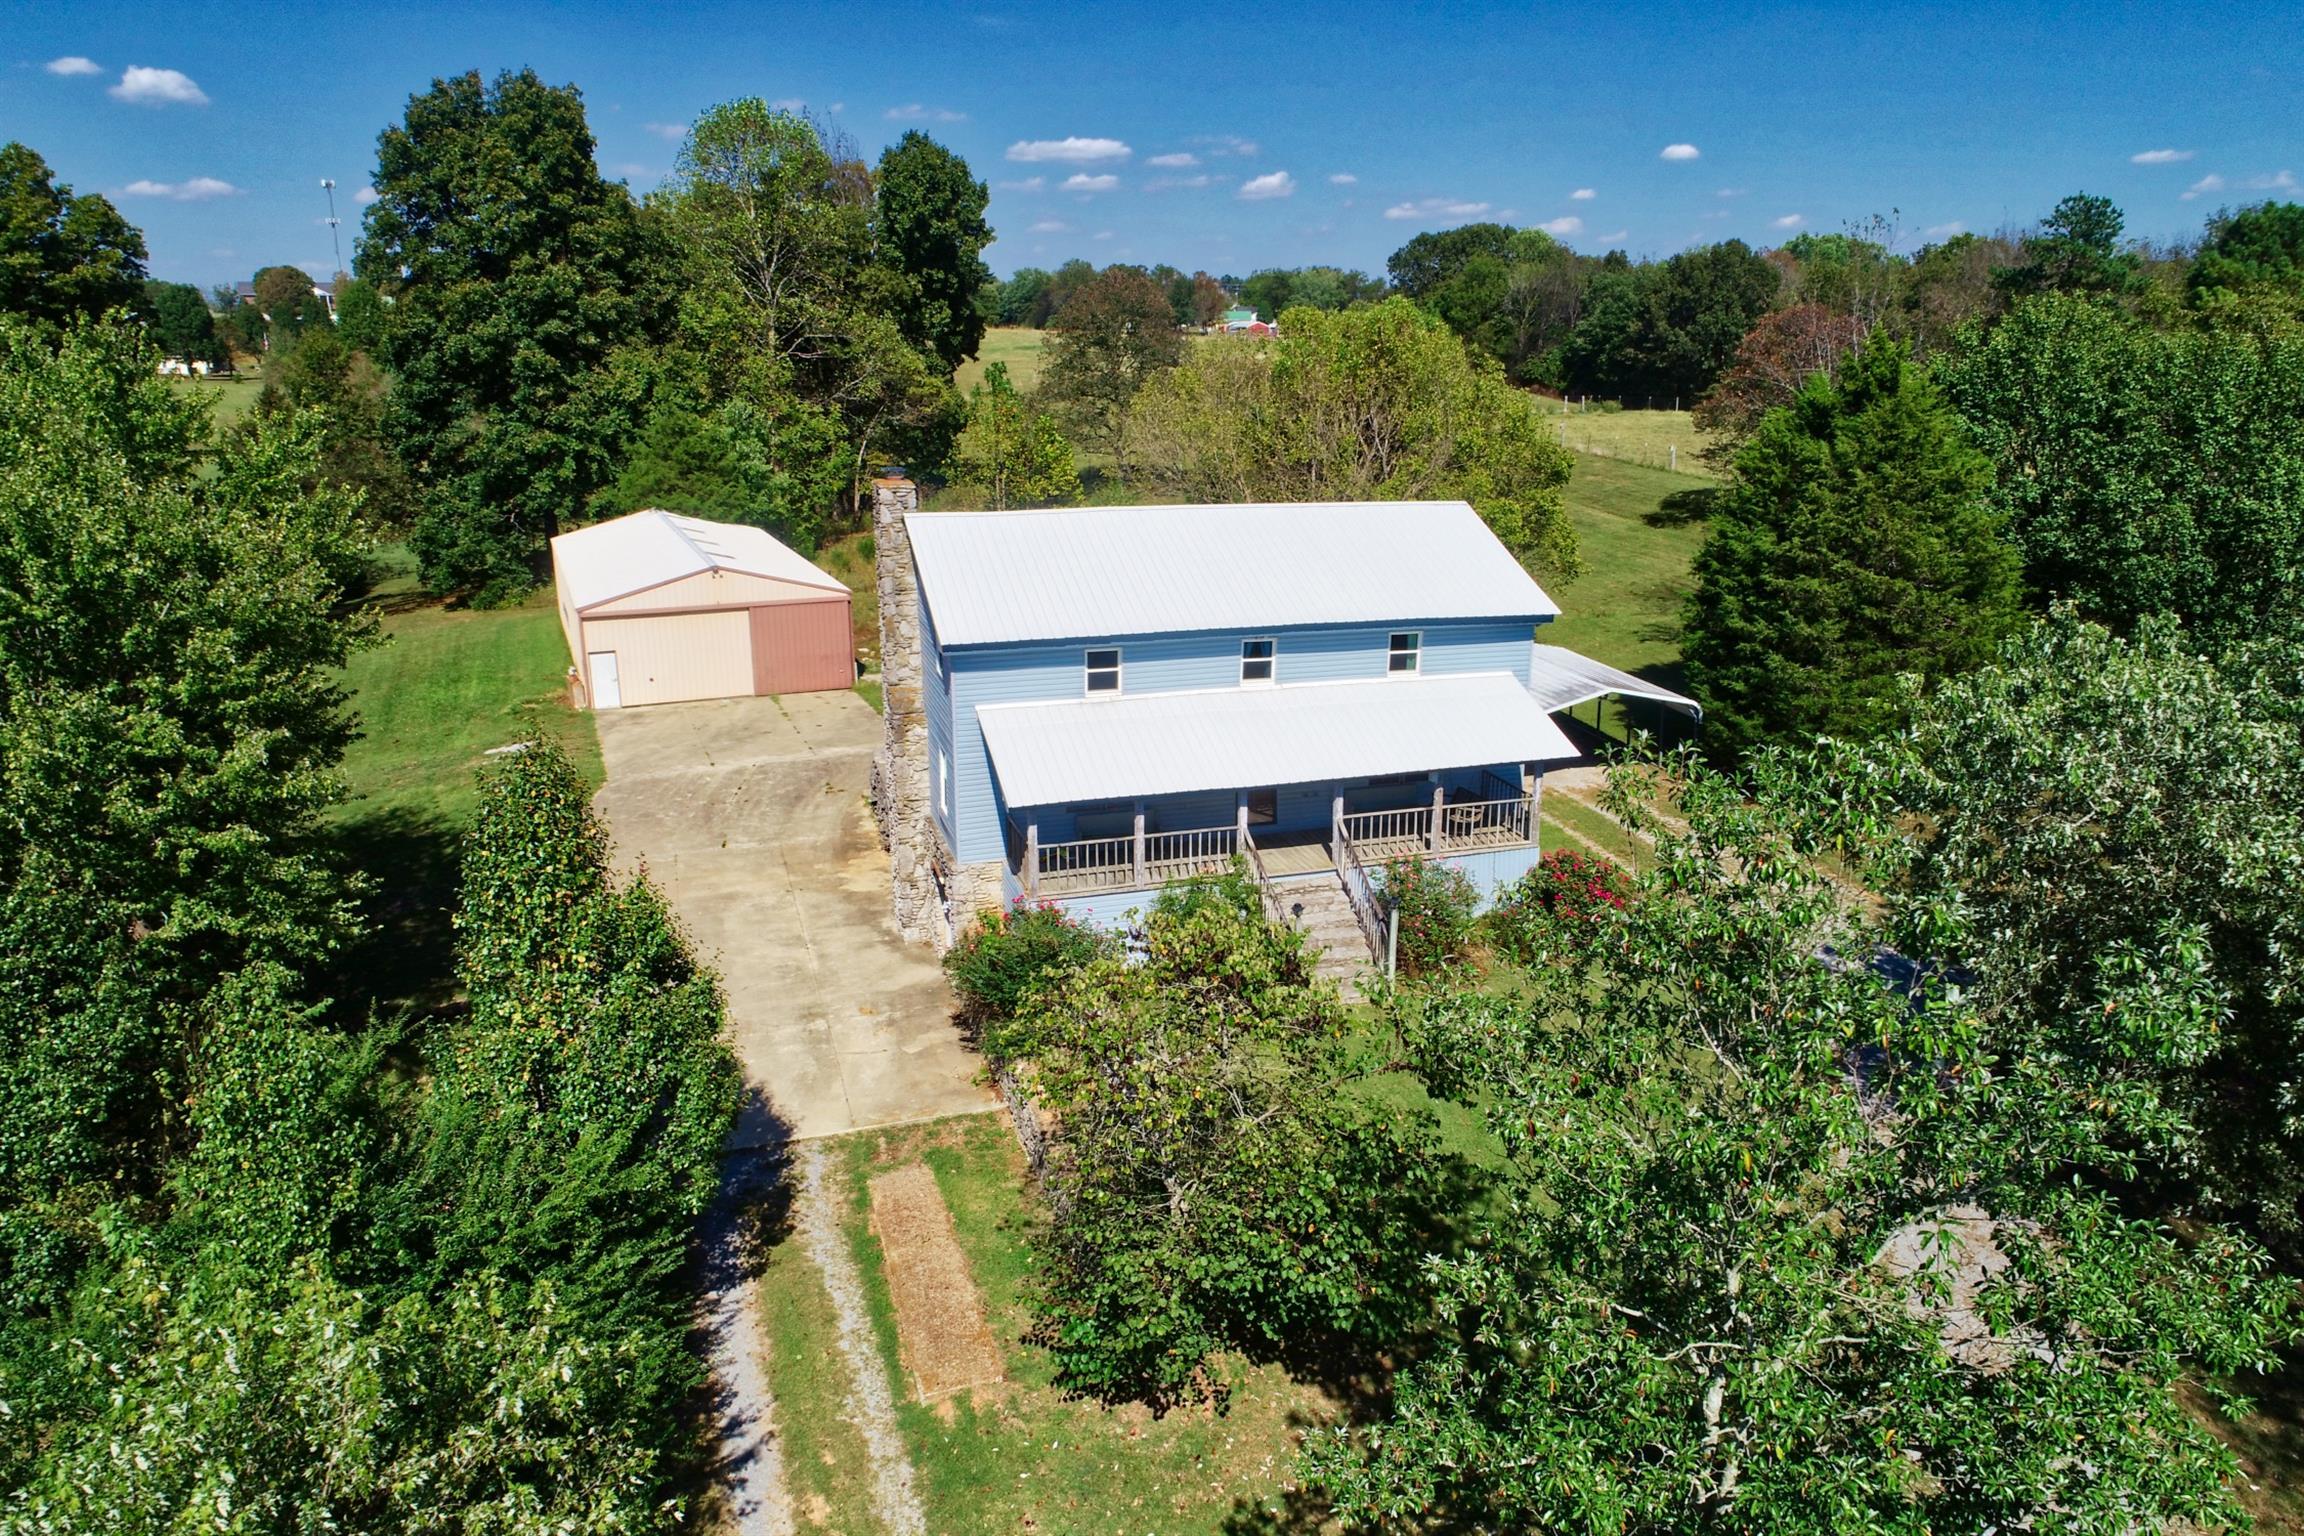 121 Kilgore Trce, Cross Plains, TN 37049 - Cross Plains, TN real estate listing